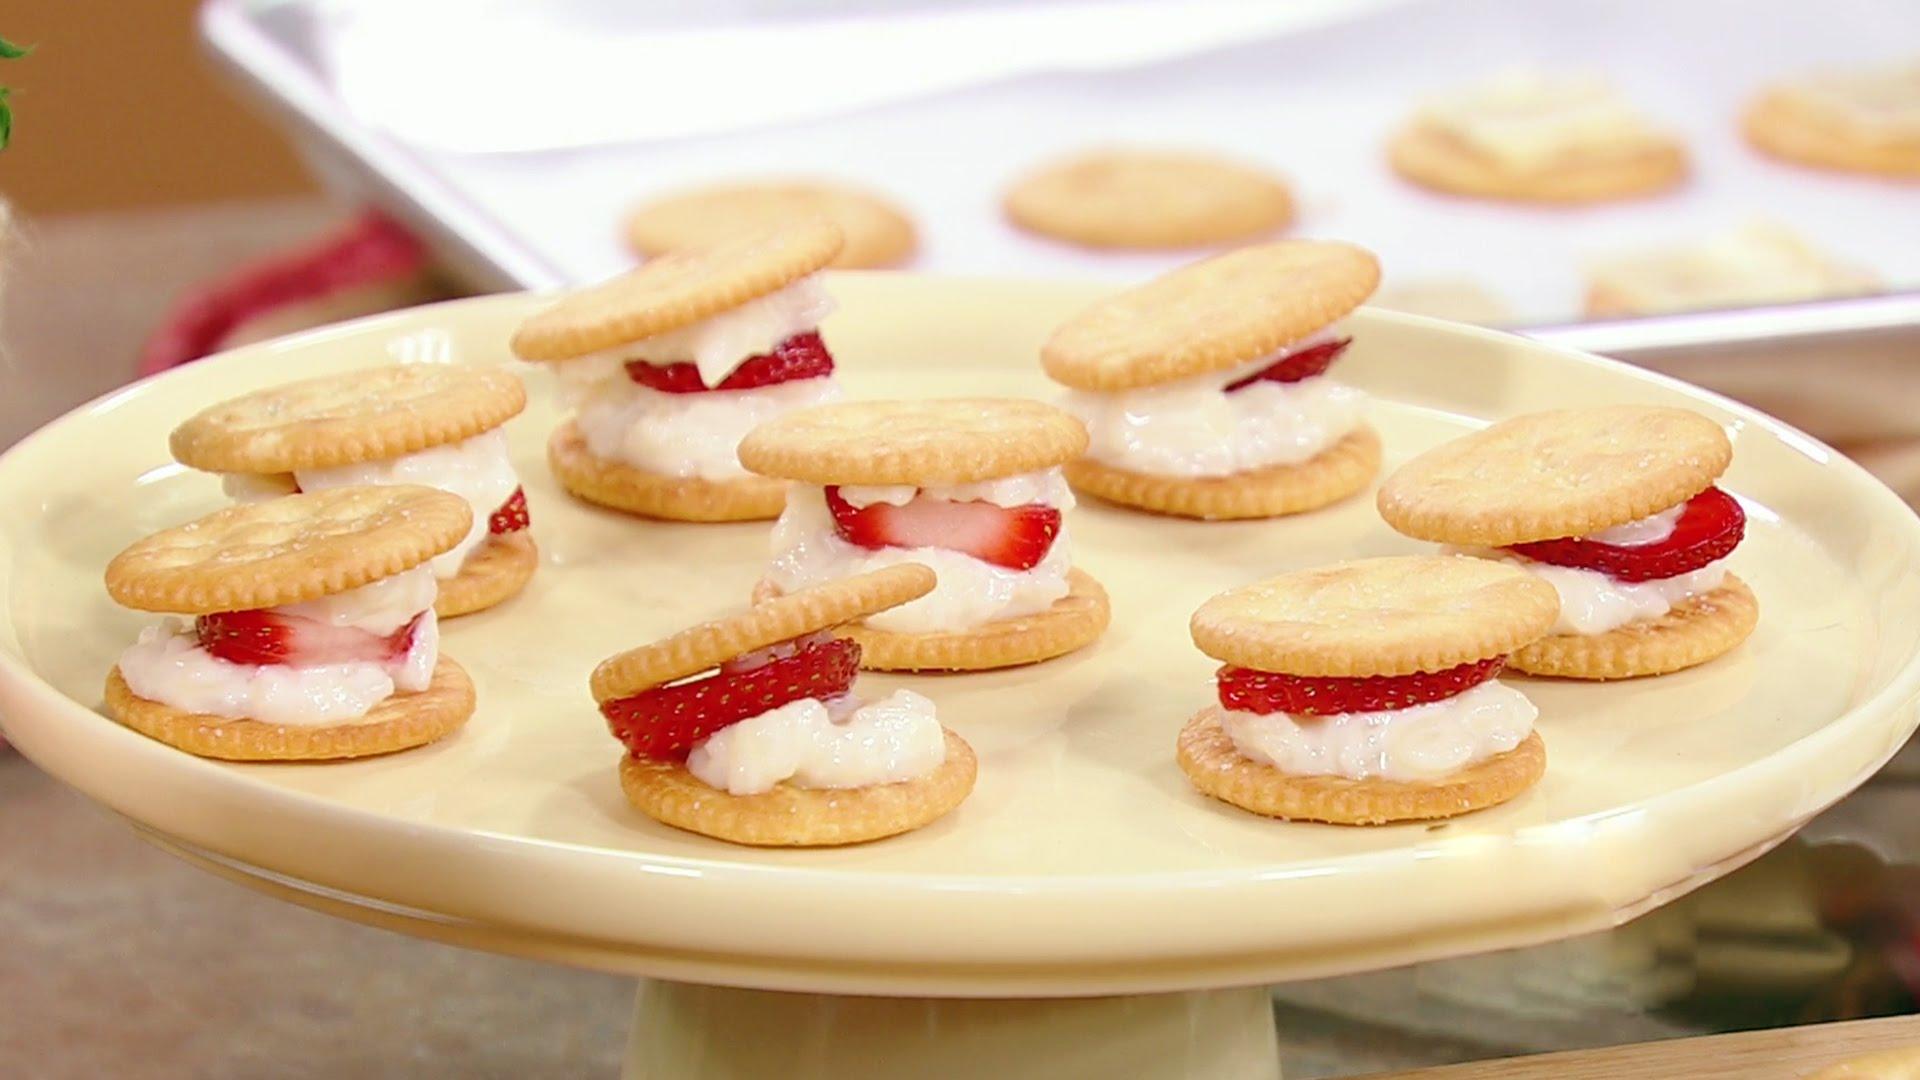 Cocina f cil tres recetas de aperitivos dulces para for Videos de cocina facil